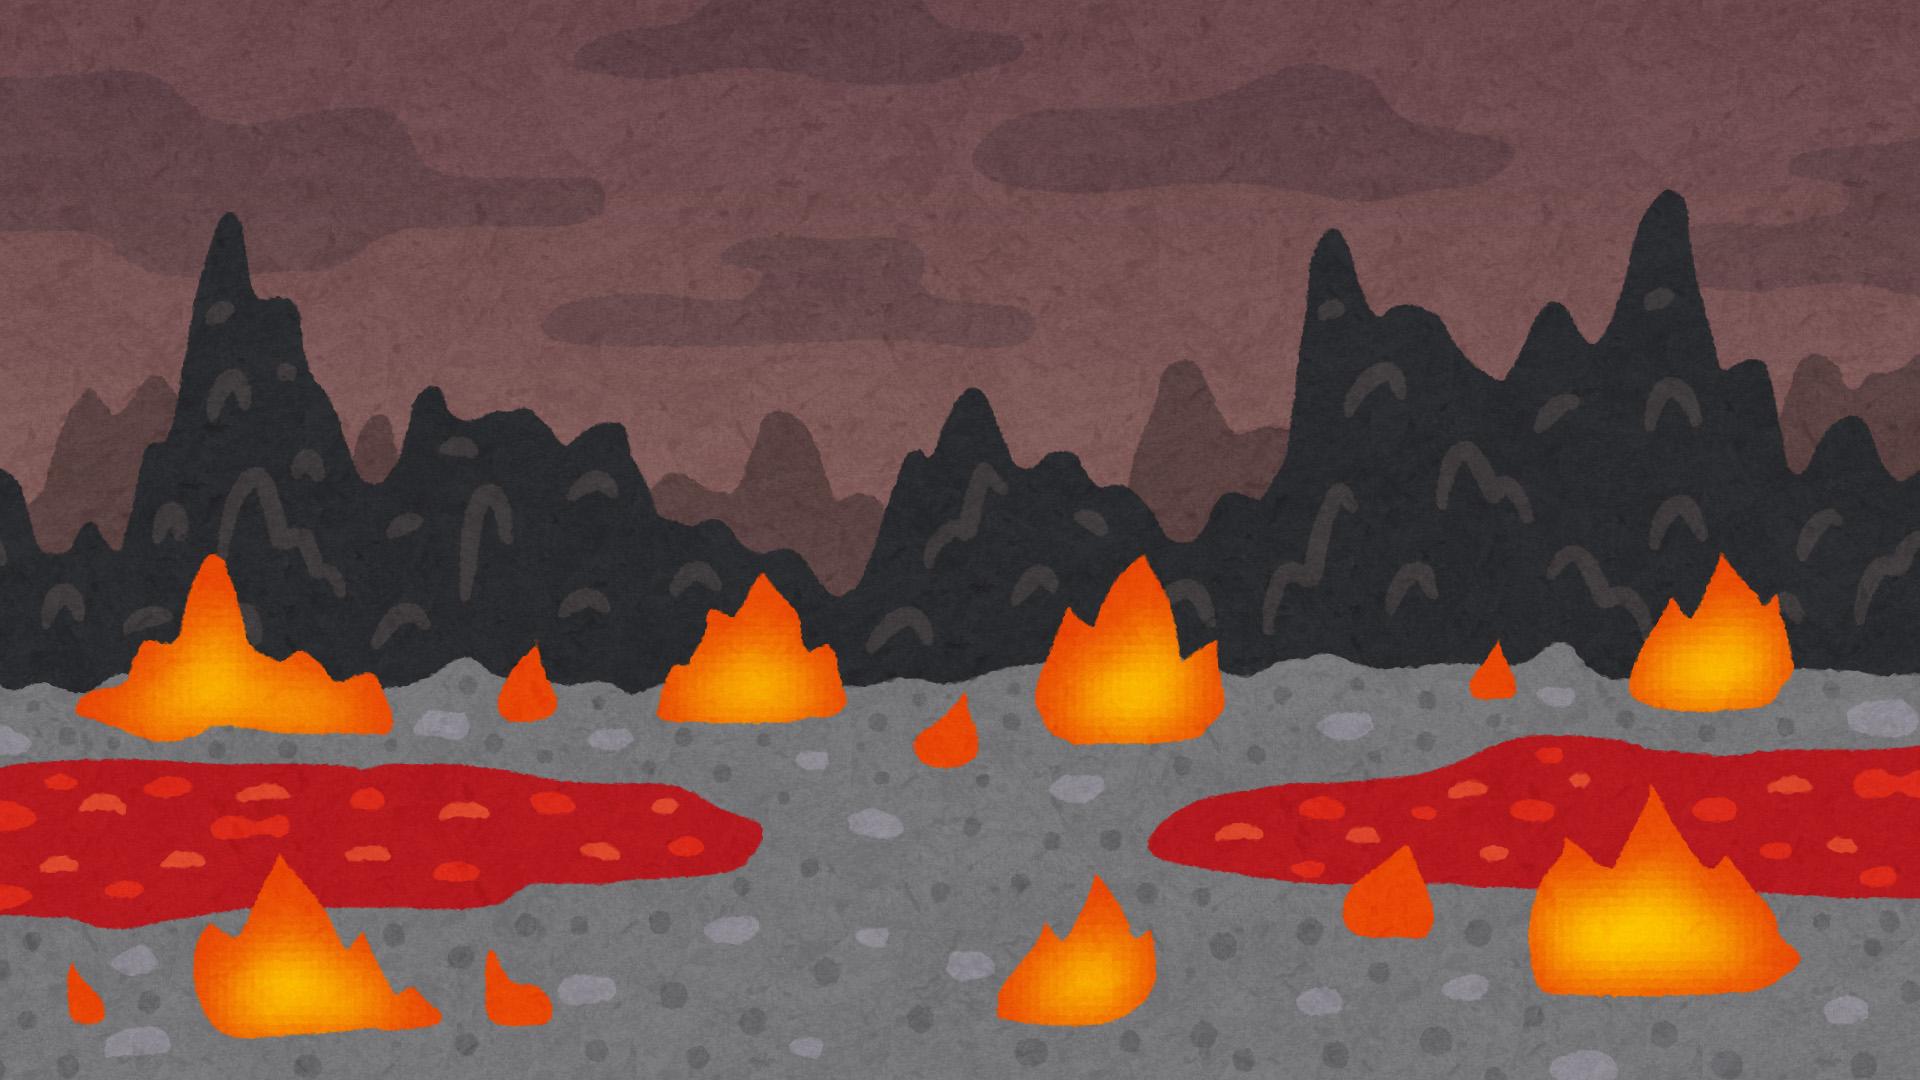 「フリー素材 地獄」の画像検索結果